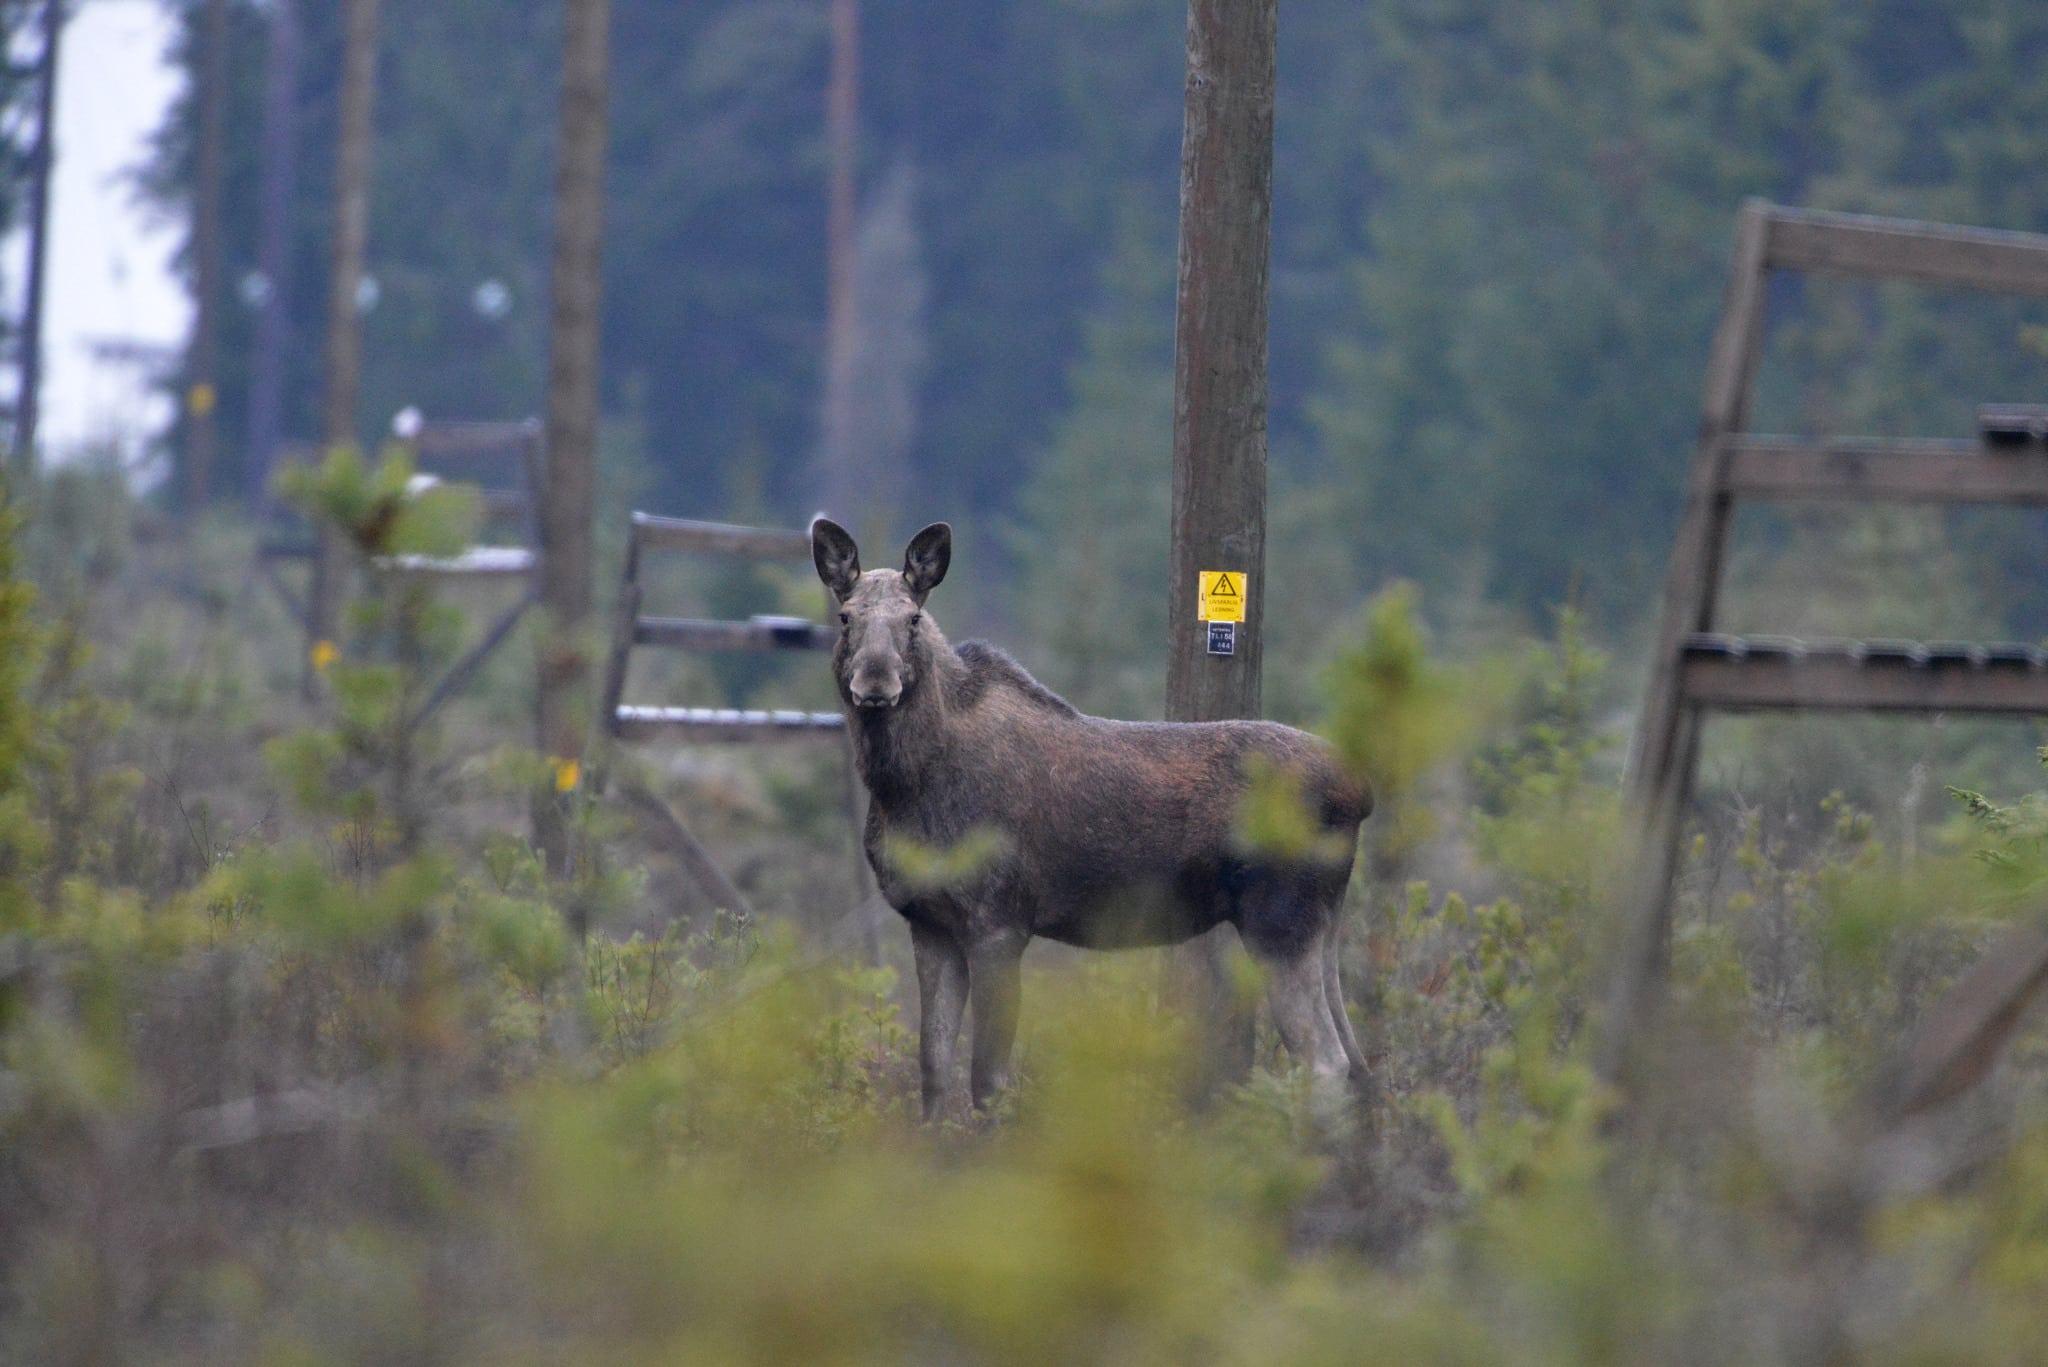 Älgen föll på fel sida markgränsen, vilket ledde till en rättssak. Foto: Kenneth Johansson